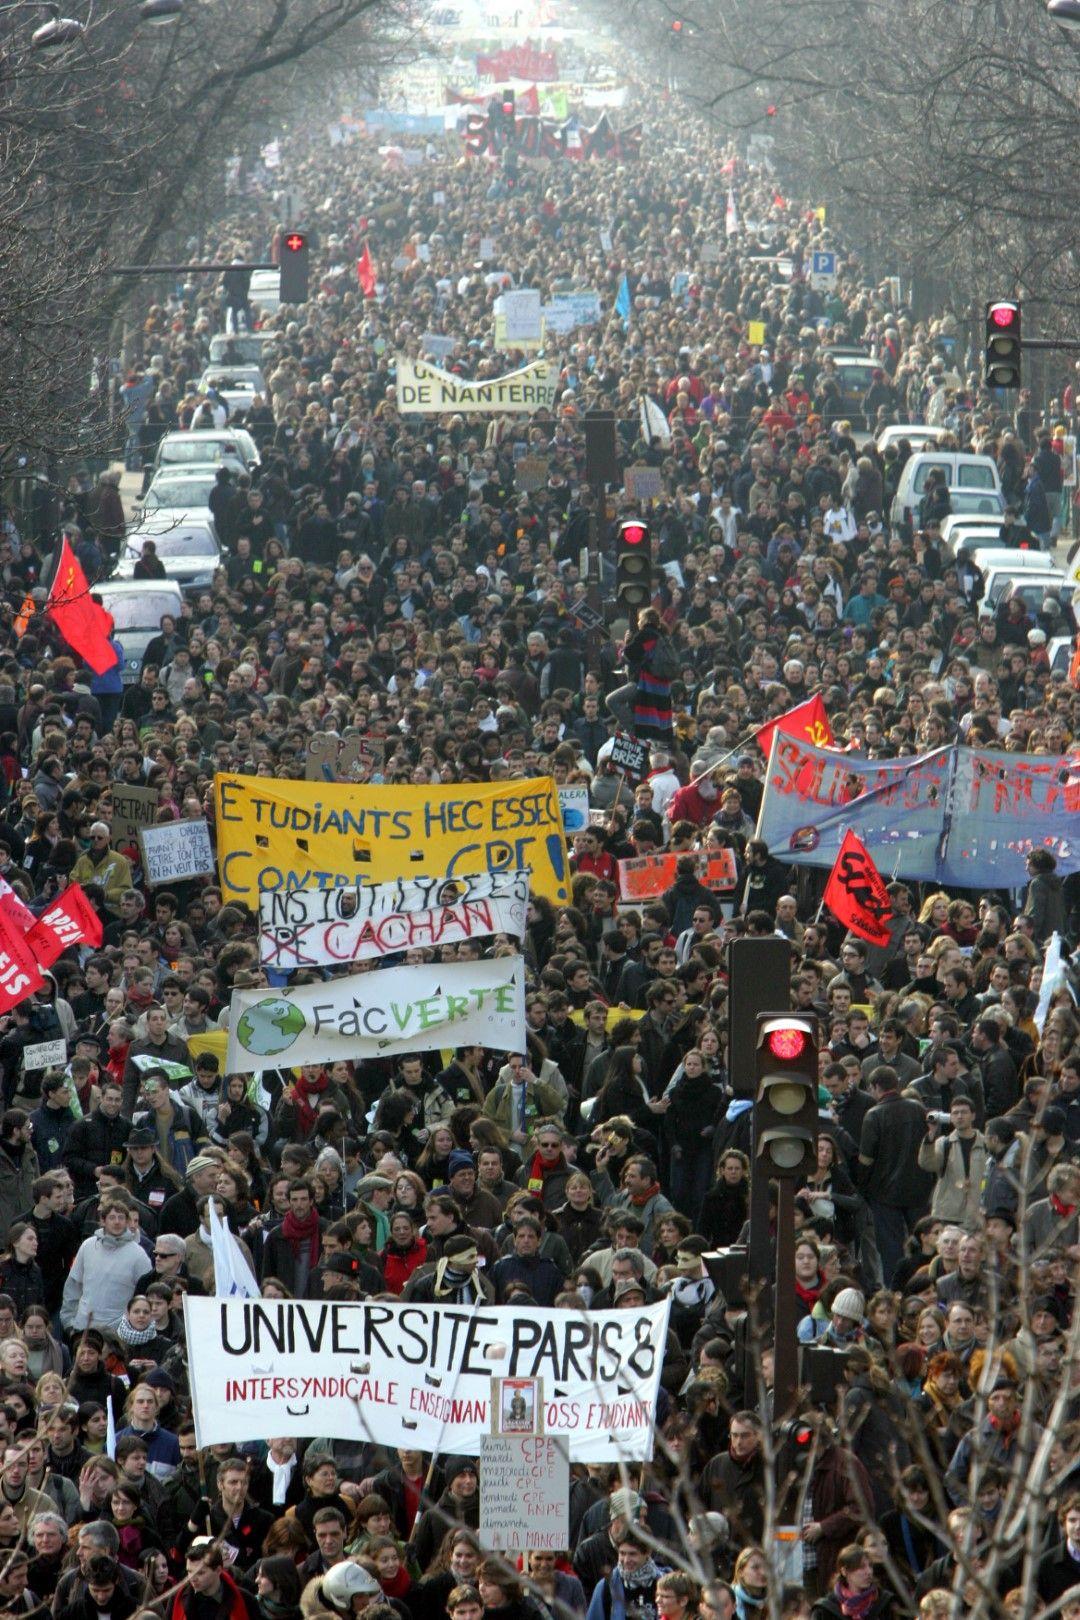 Студенти у работници протестират в Париж на 18 март 2006 г. срещу несправедливите разпоредби за наемане на работа